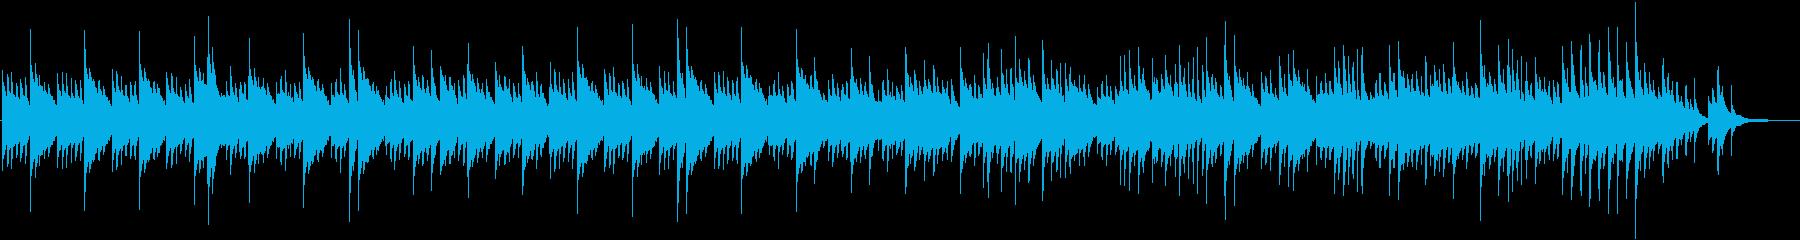 切ないクラシックギター音色の曲。ゲーム…の再生済みの波形